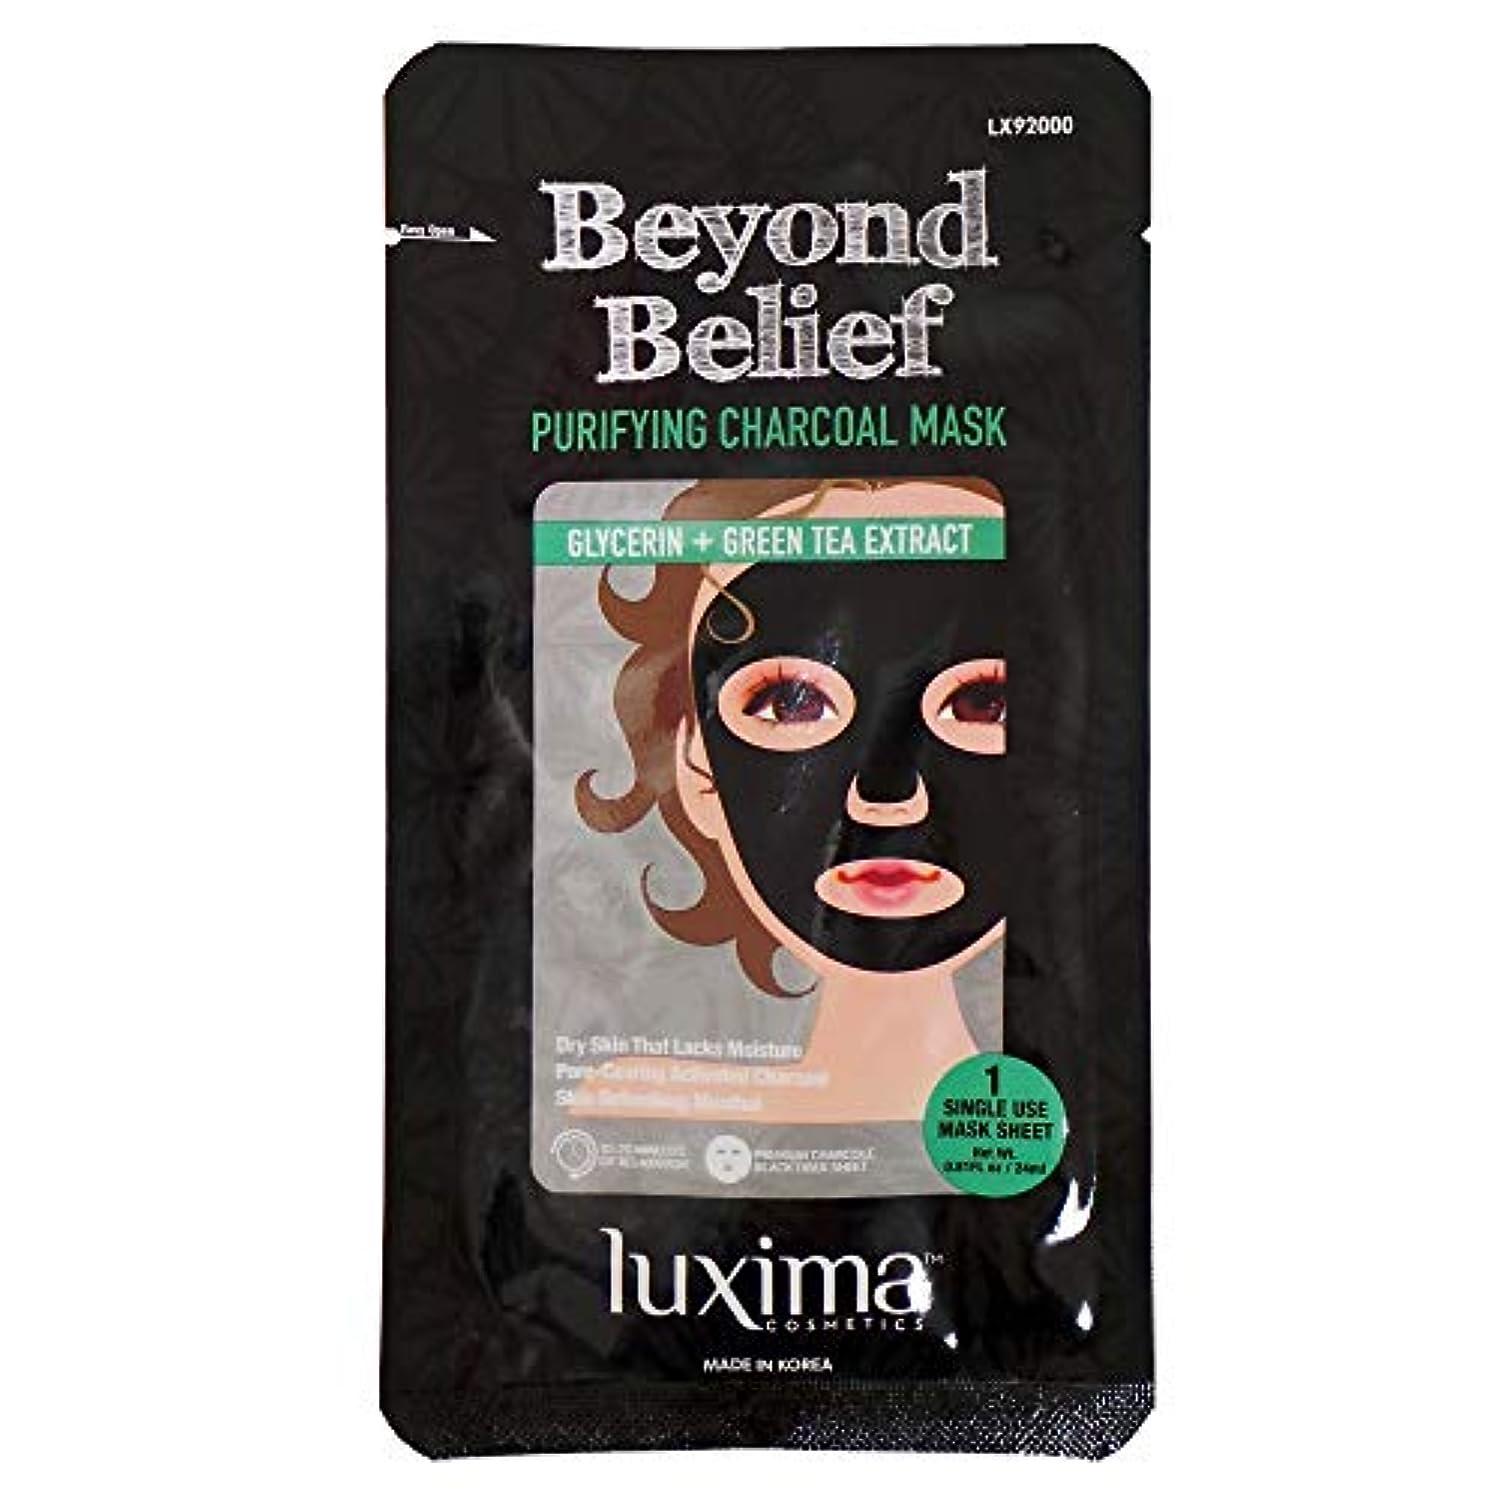 憂鬱なインストールくさび(6 Pack) LUXIMA Beyond Belief Purifying Charcoal Mask (並行輸入品)